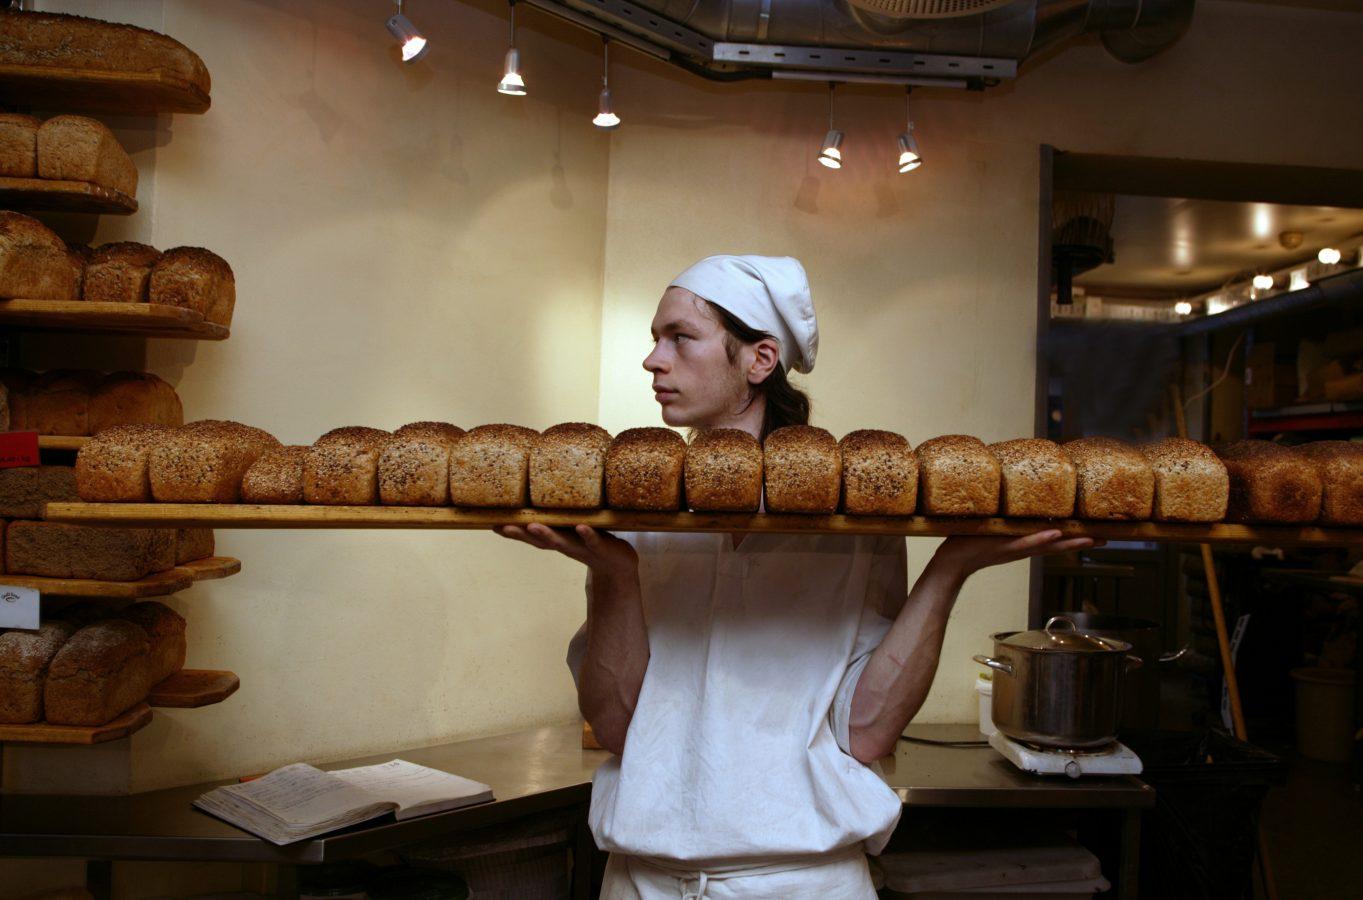 Ung mann tar et brett brød ut av ovnen. Foto: Berit Roald/ Scanpix ven.